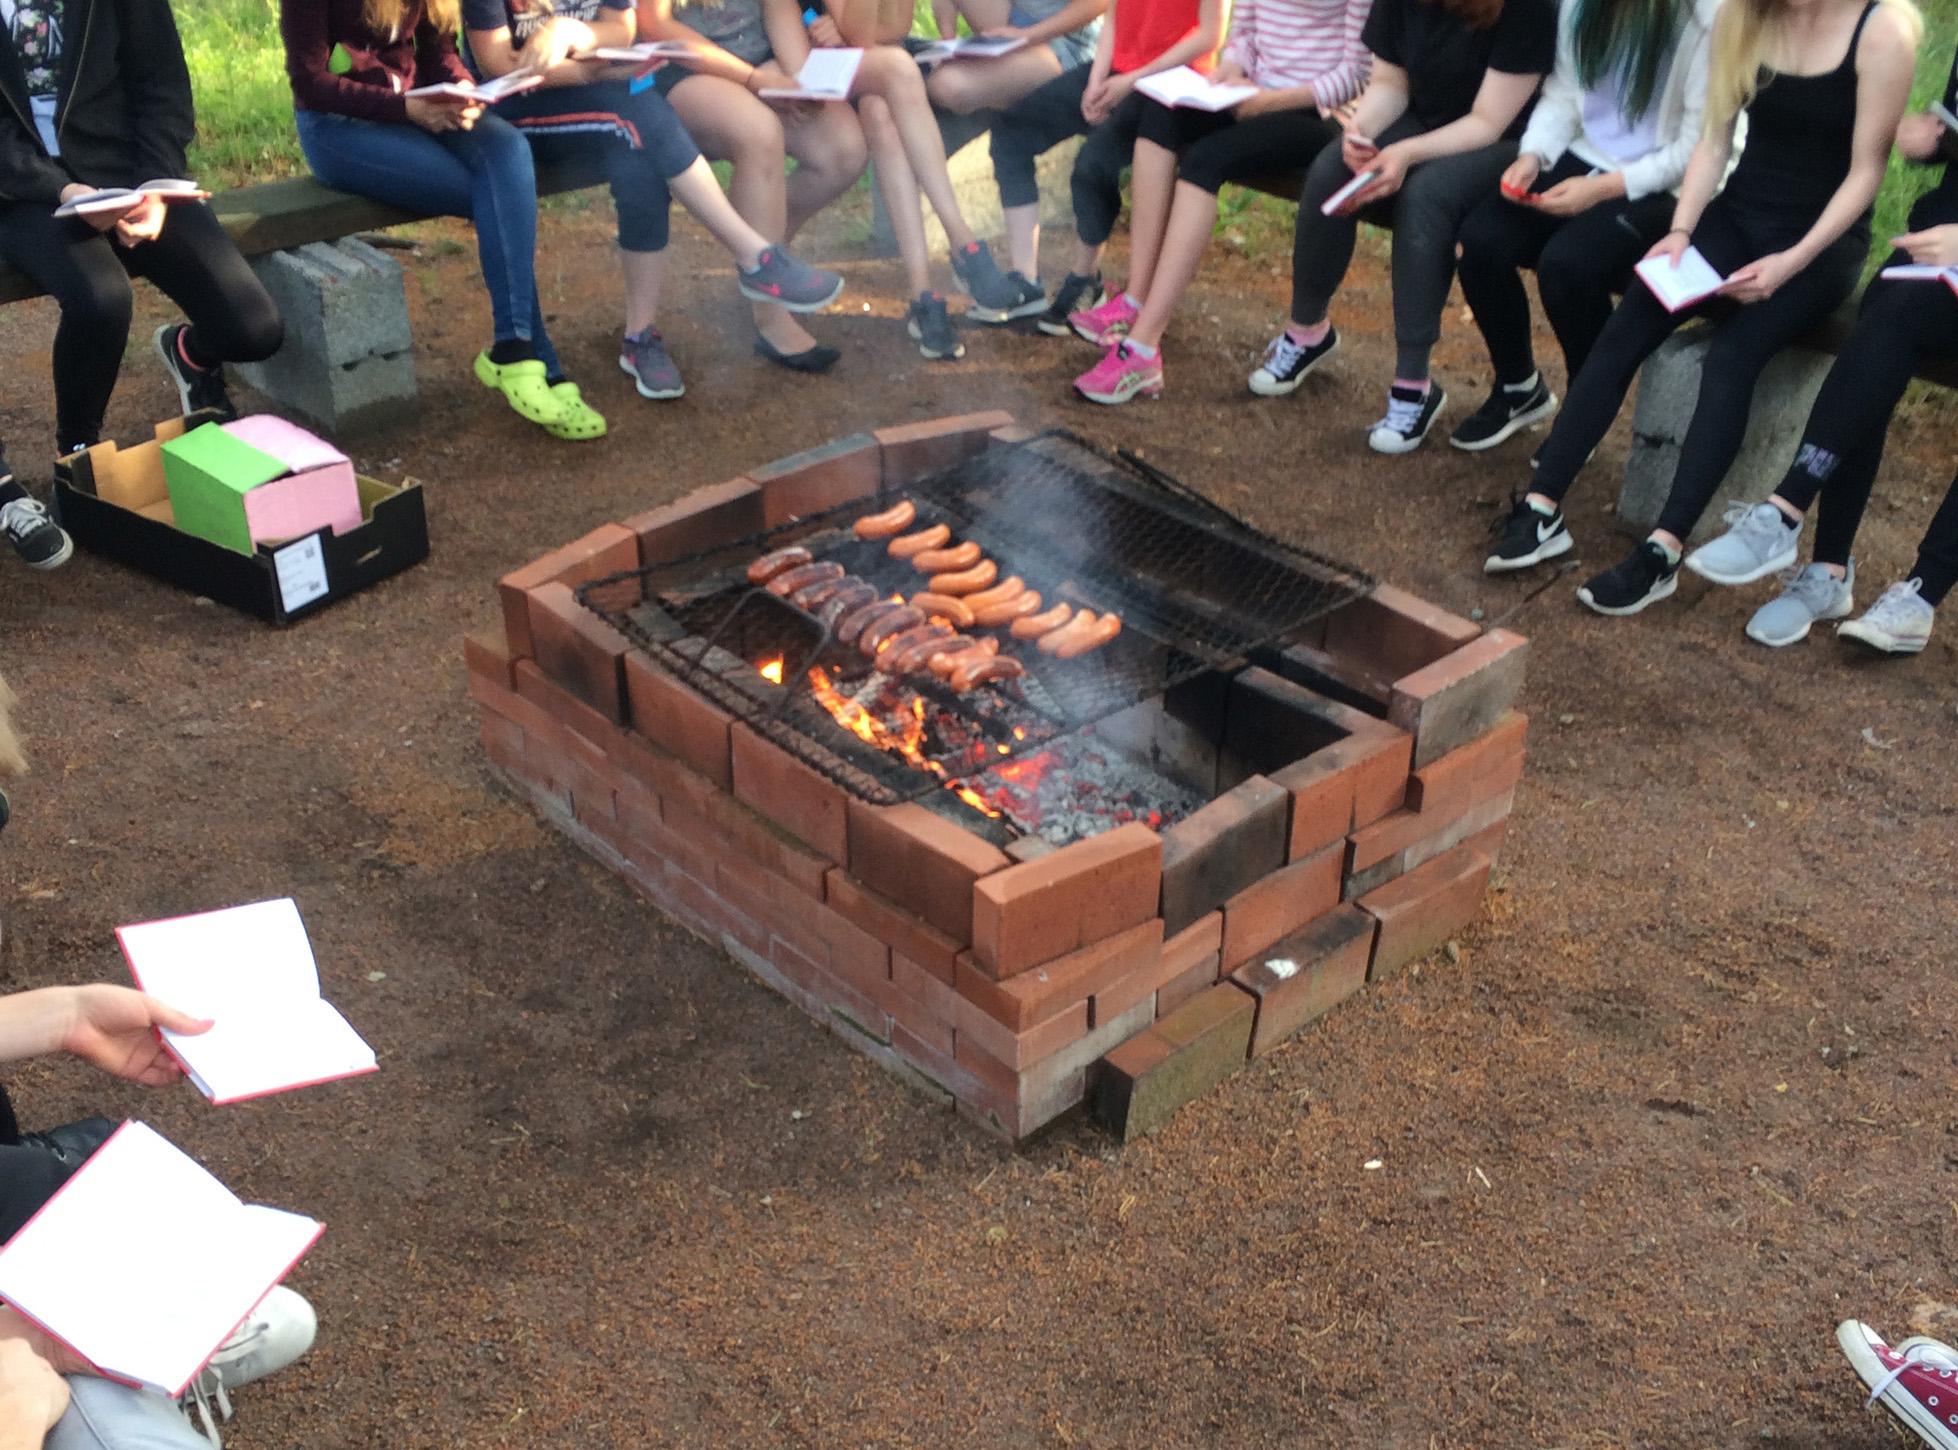 Makkarat paistuvat grillissä ympärillä lapsia istumassa penkillä